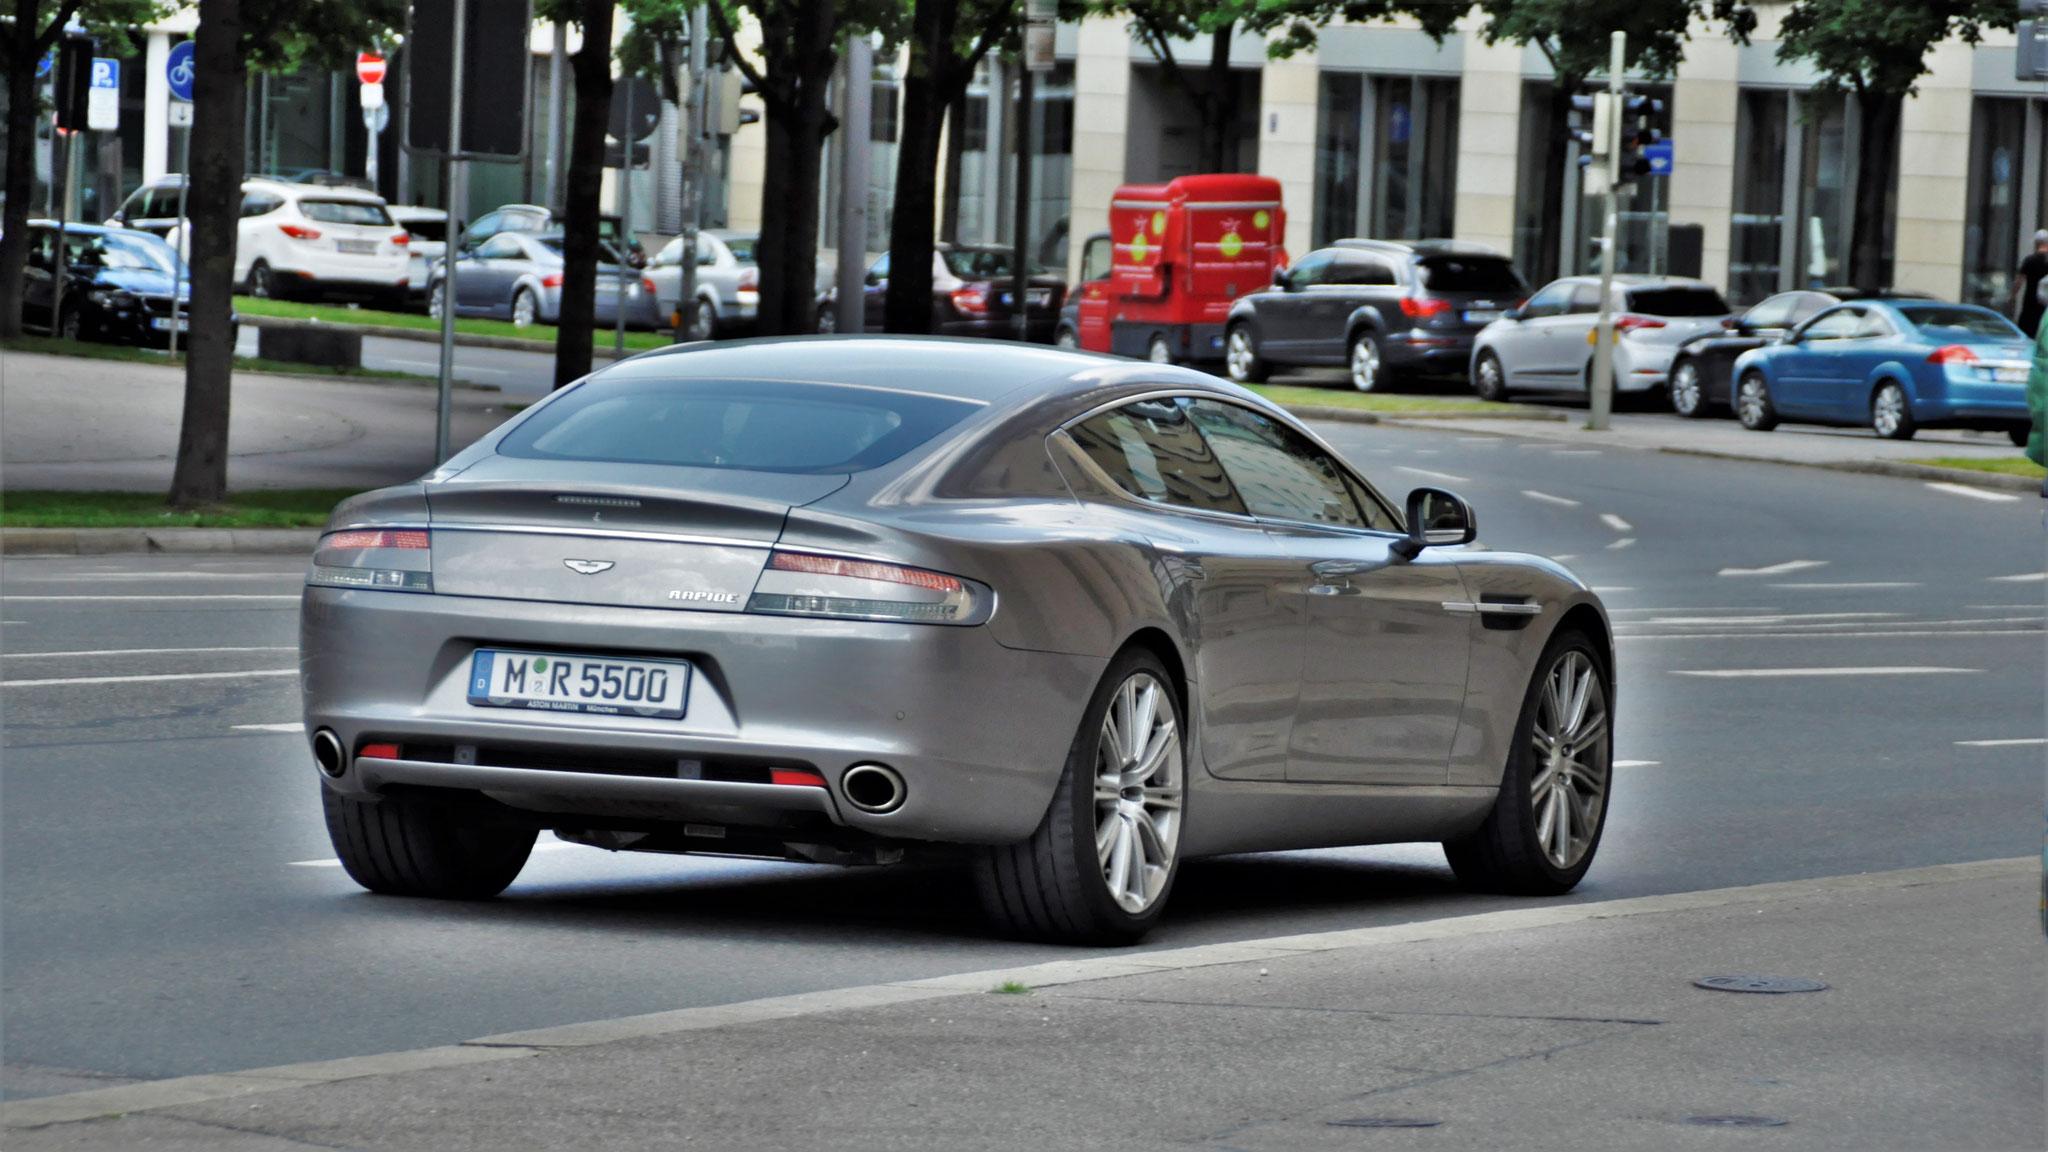 Aston Martin Rapide - M-R-5500